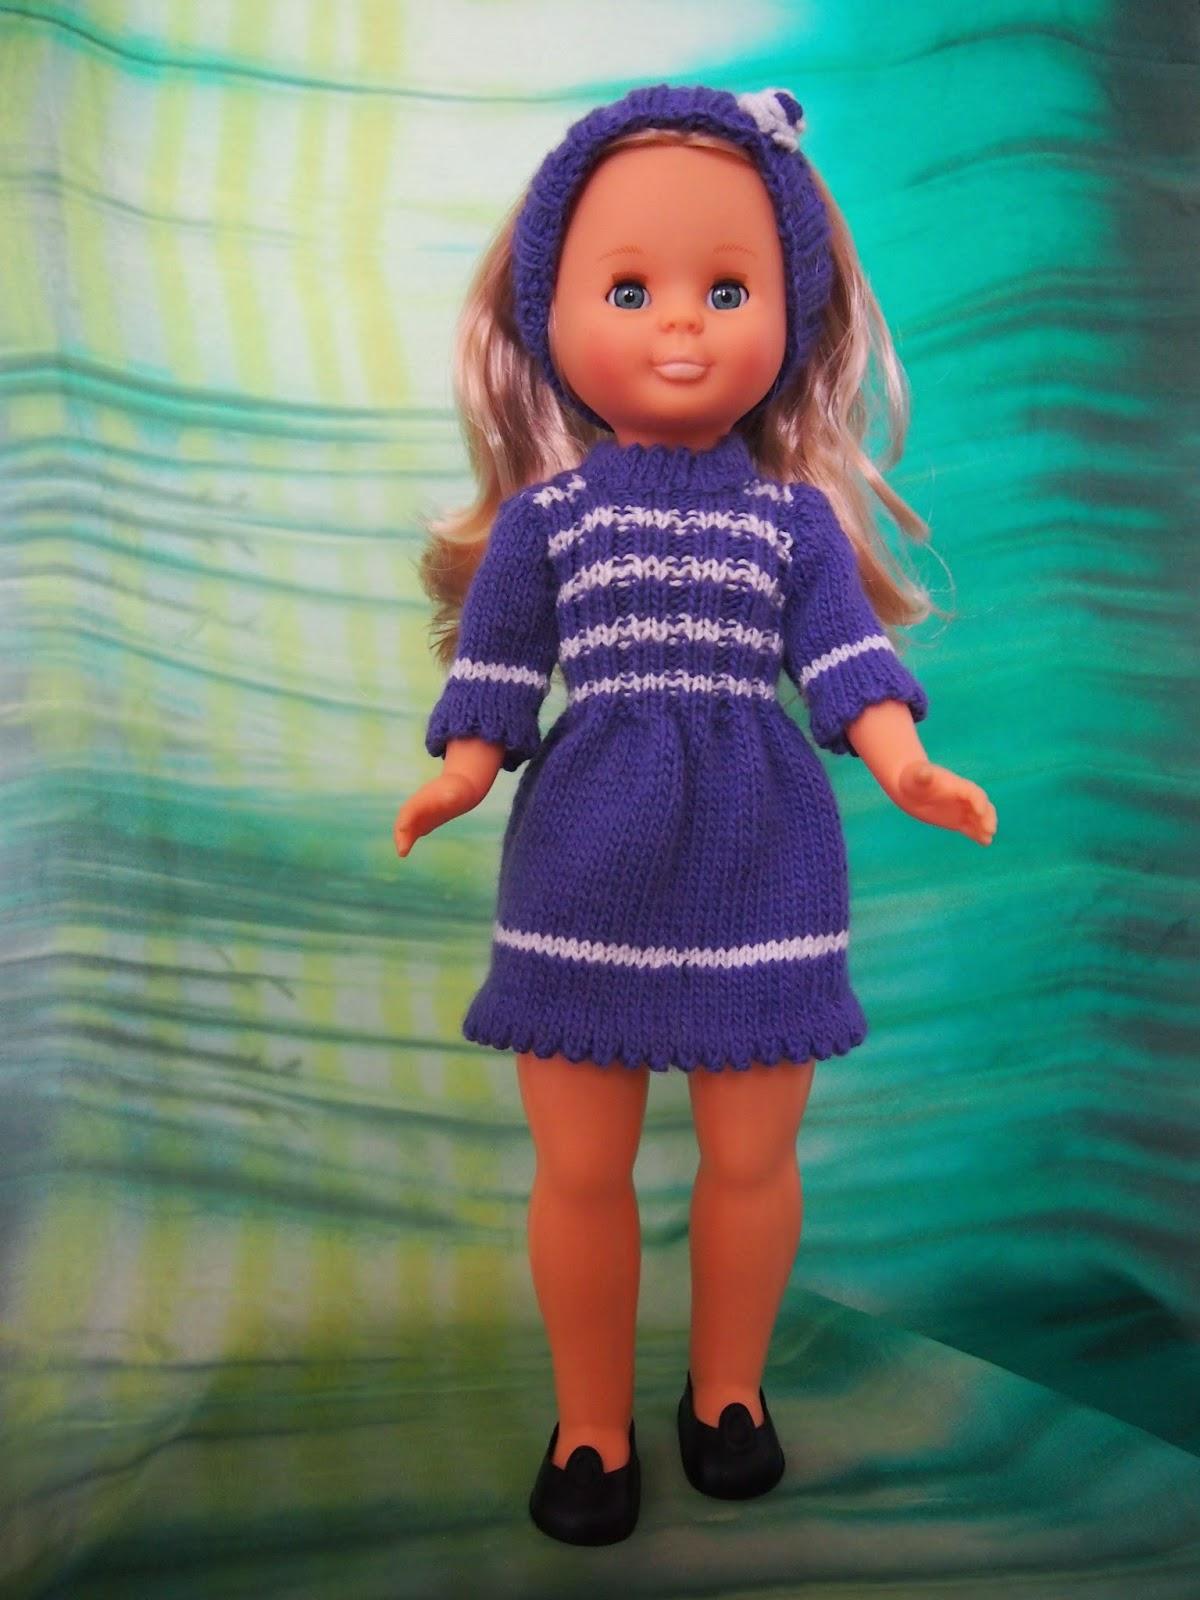 http://begodolls.blogspot.com.es/2014/11/vestido-de-punto-azul.html